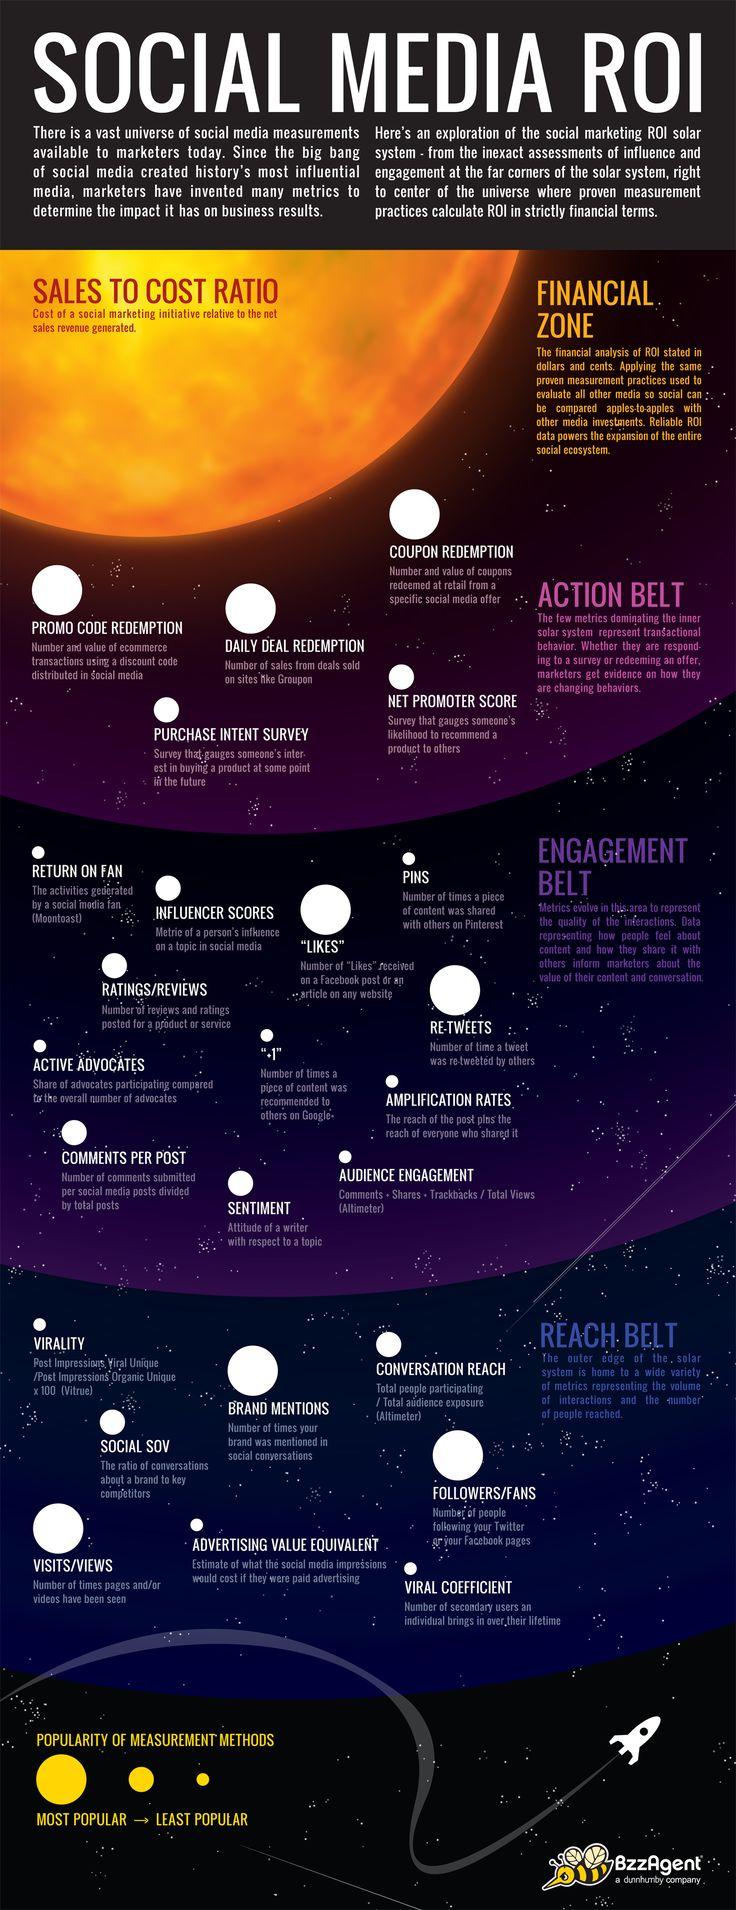 Solsystemet for ROI i sosialemedier